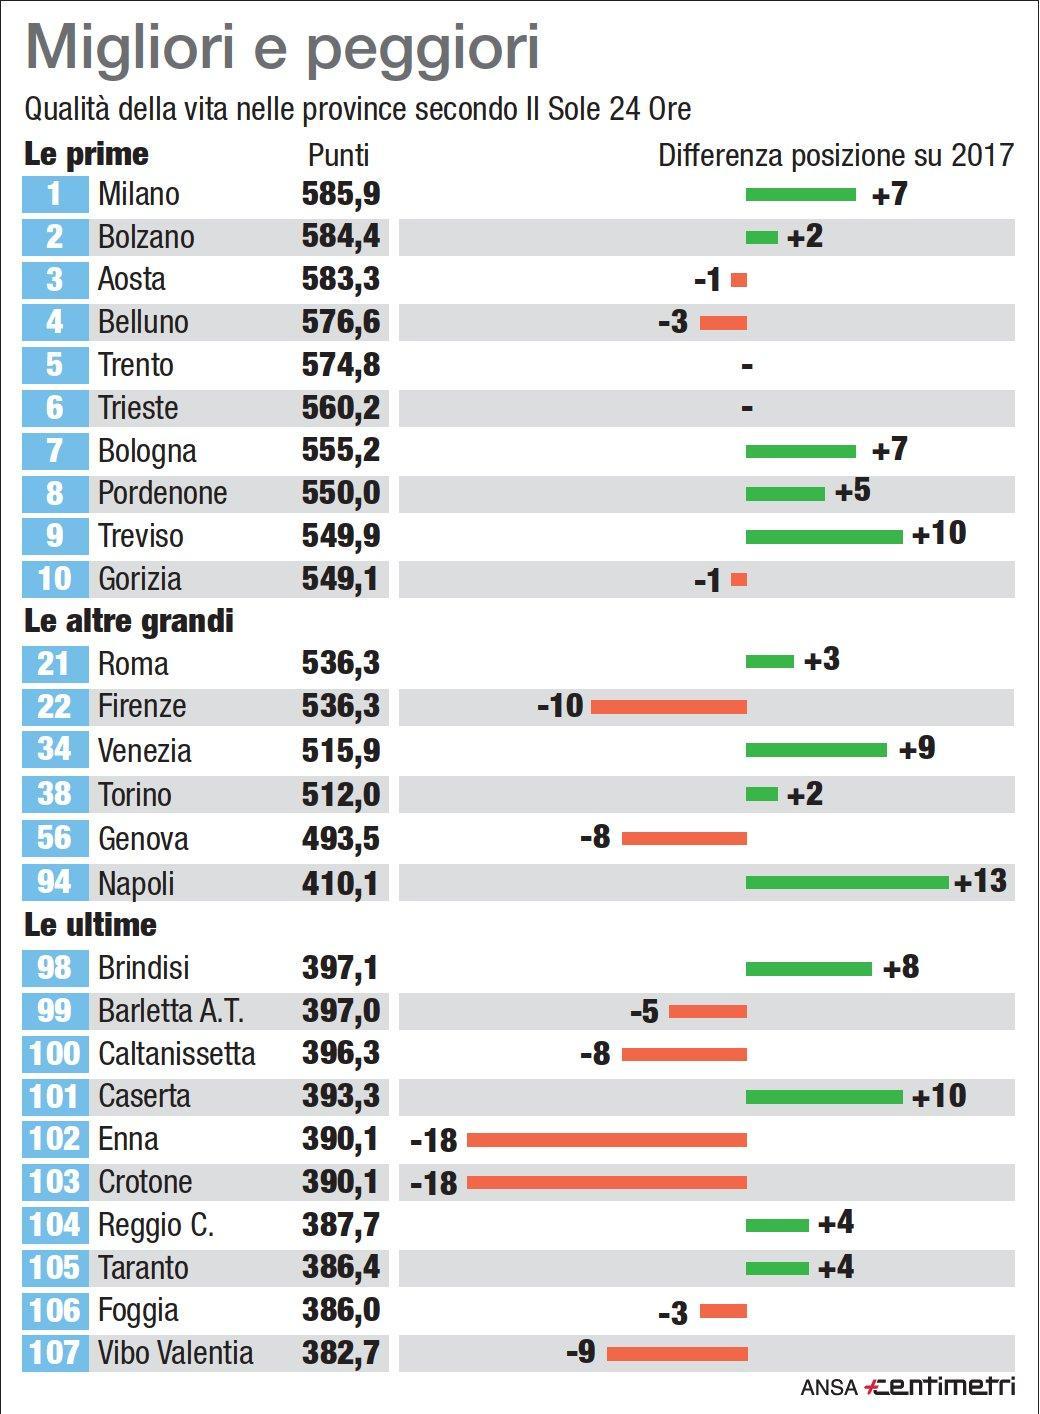 Qualità della vita nelle province, la classifica